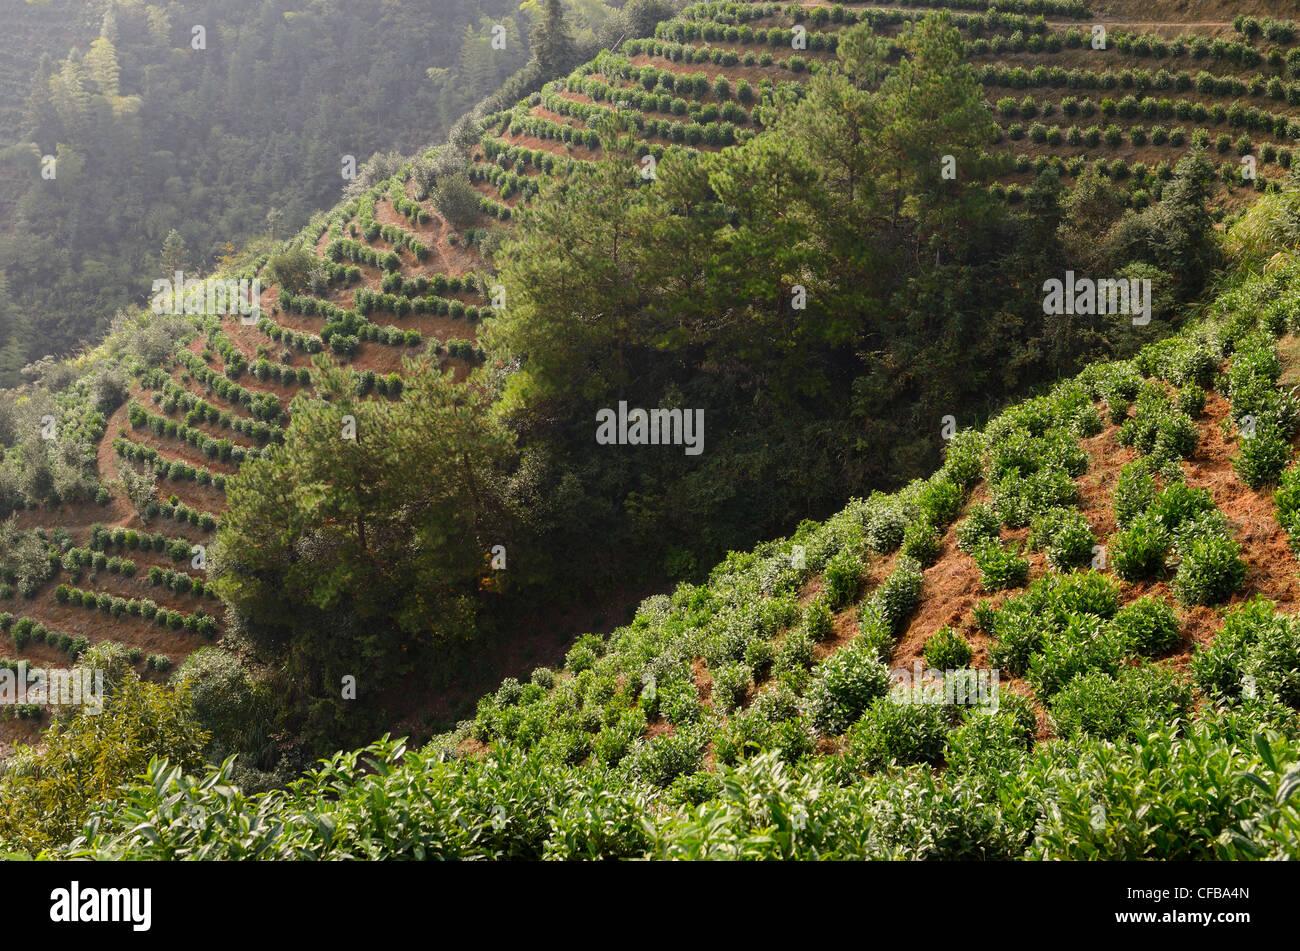 Il tè cespugli su ripidi pendii di una piantagione nei pressi di feng le lake scenic area huangshan cina Immagini Stock